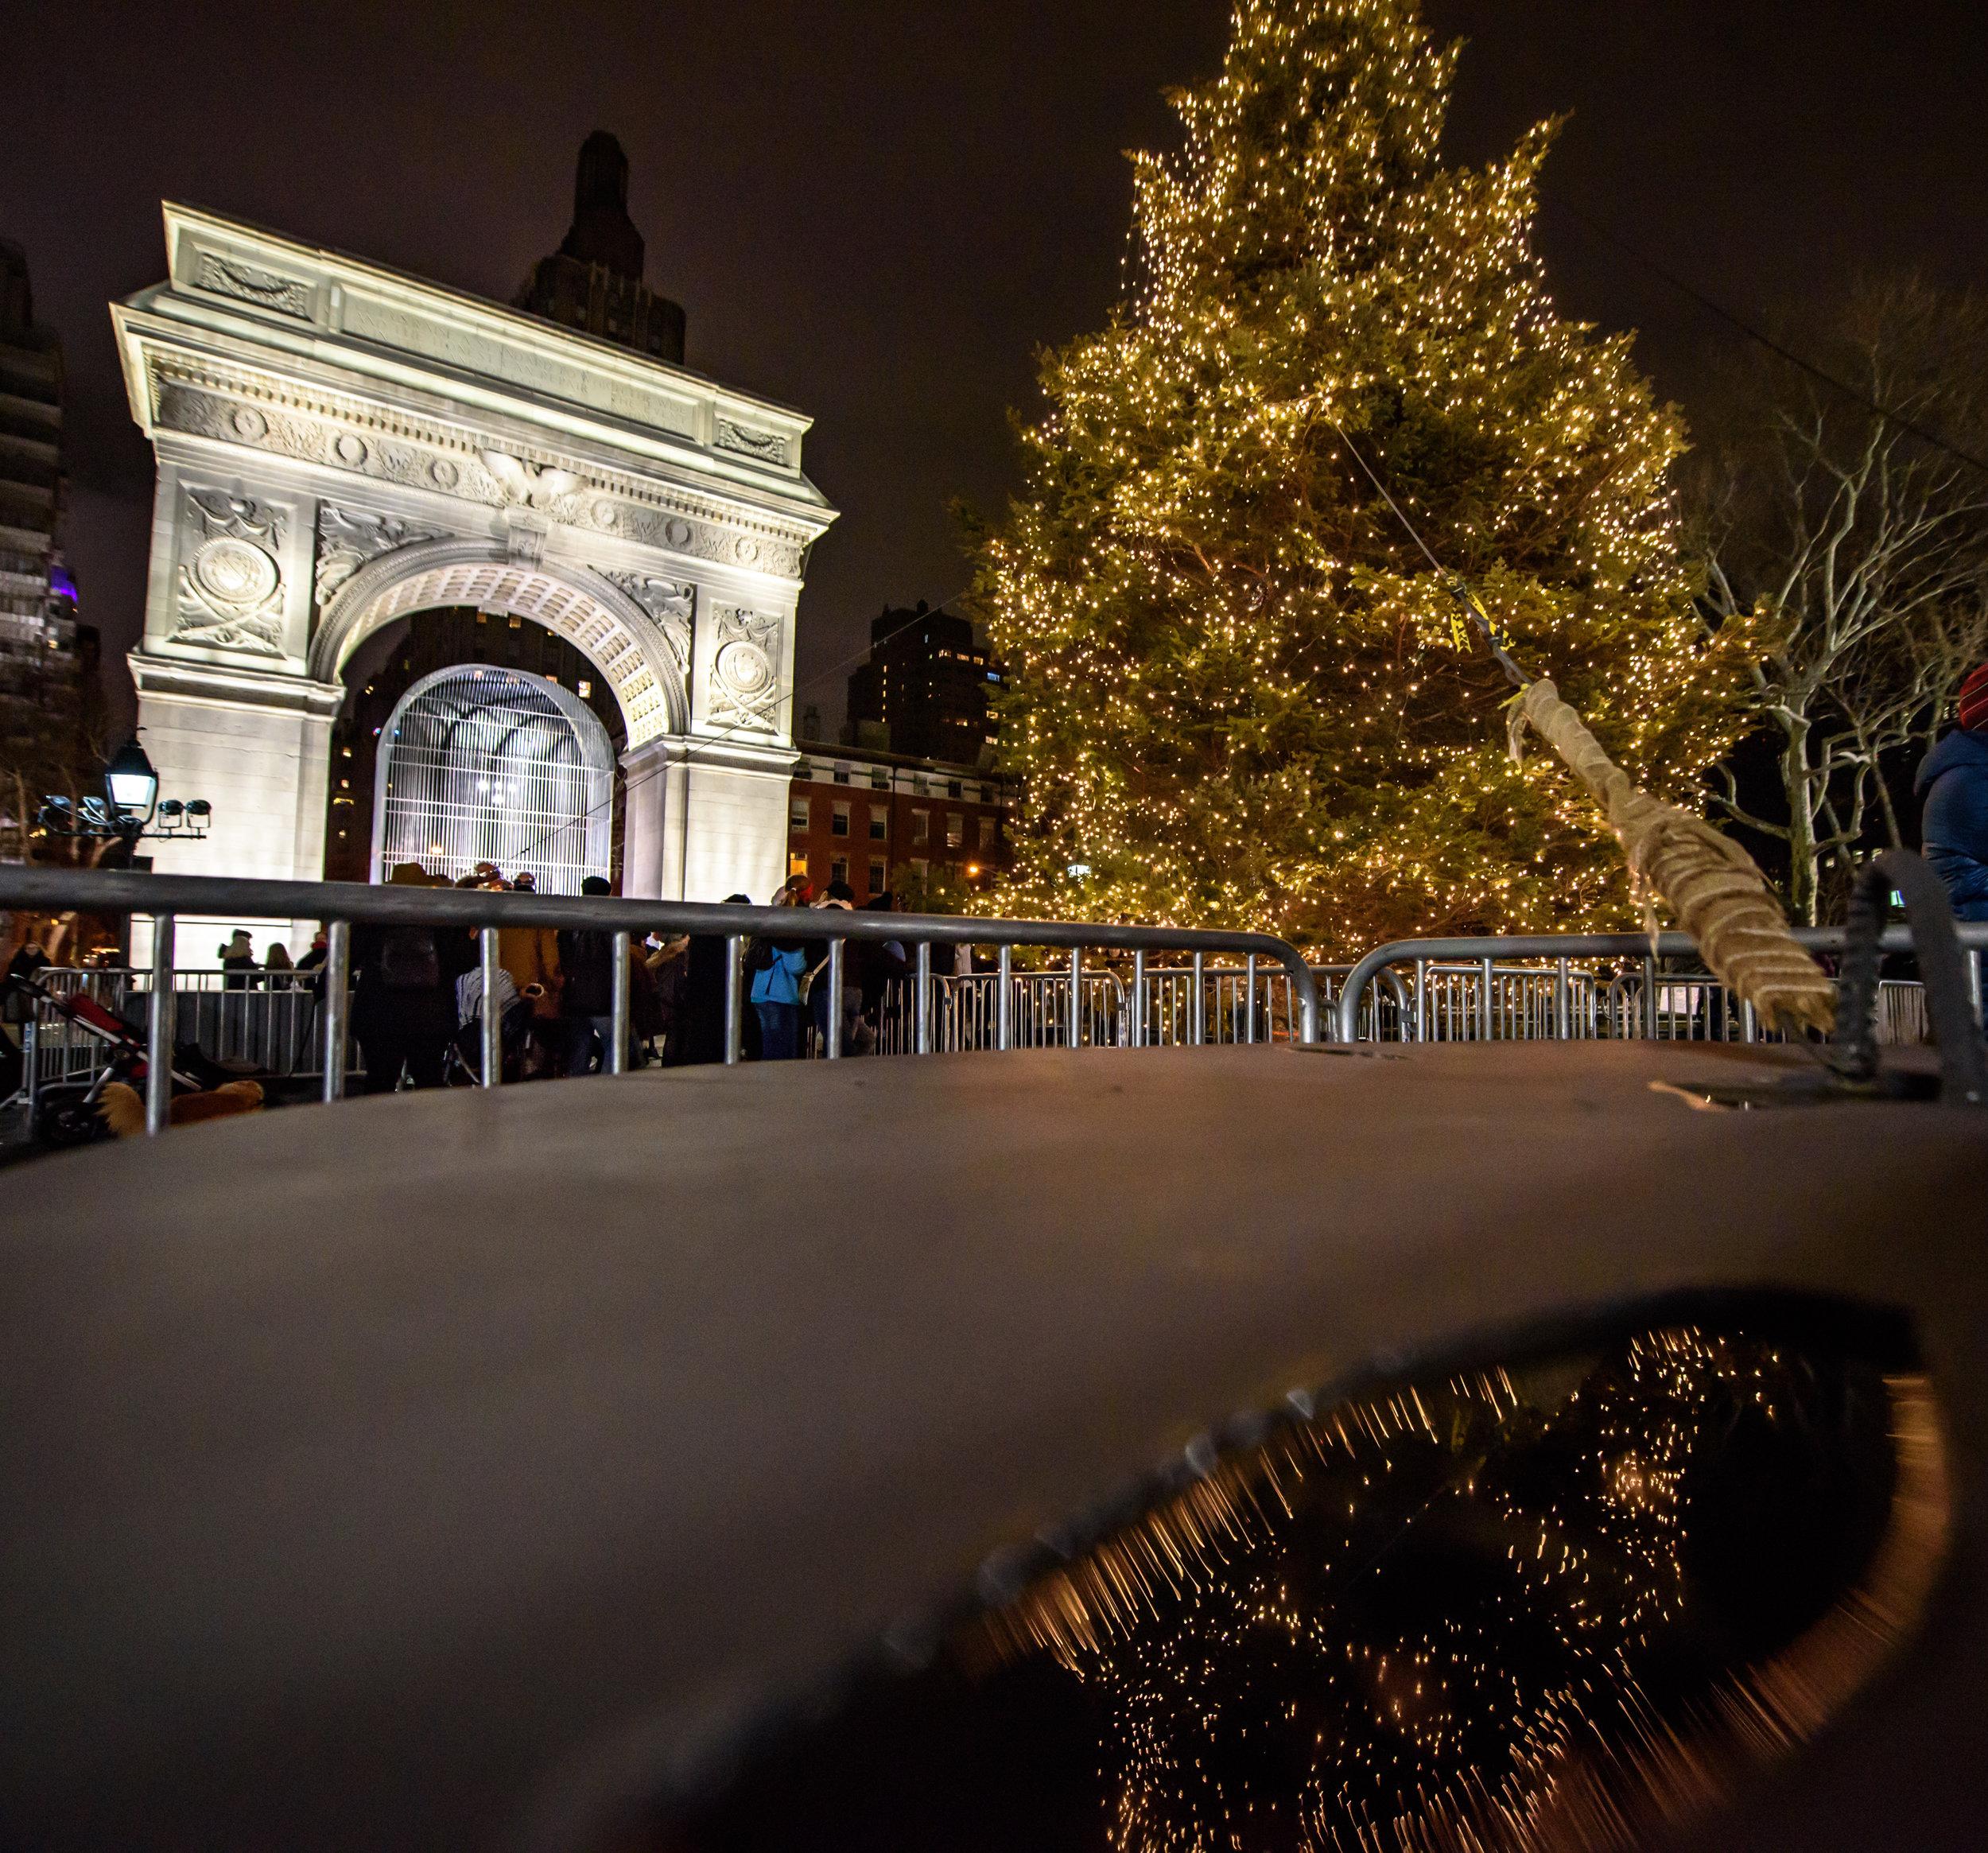 4. Washington Square Park